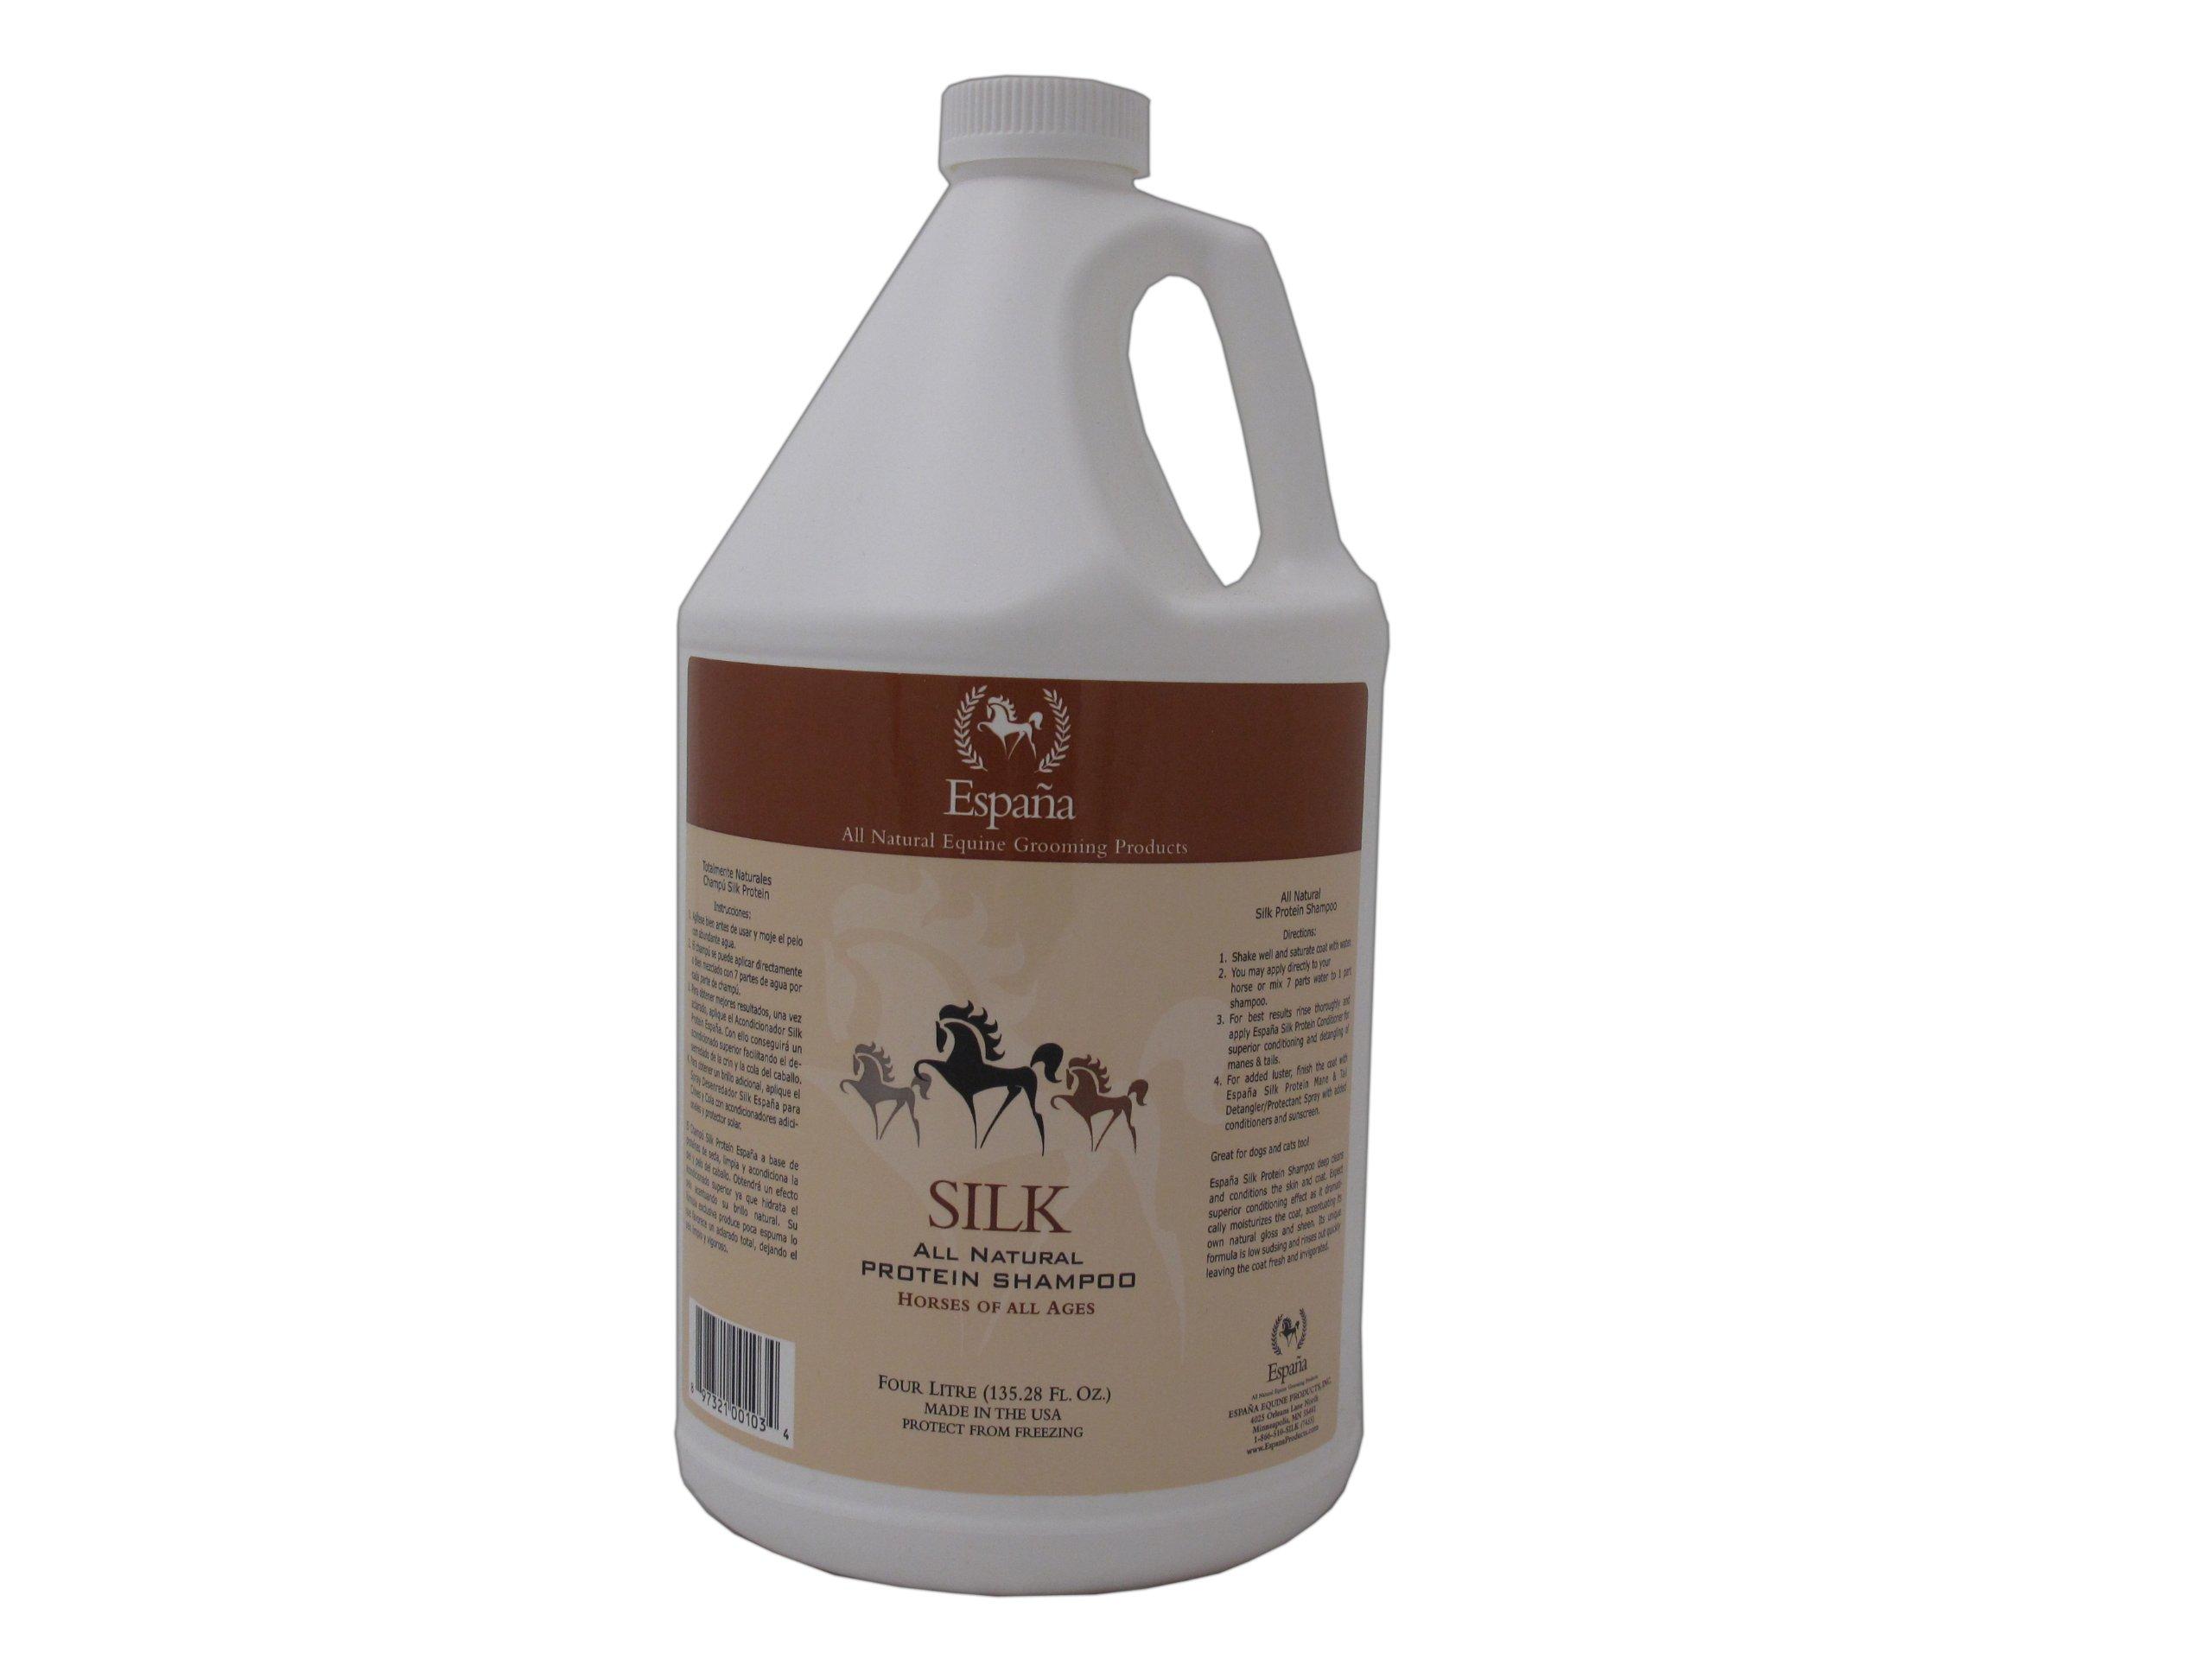 Espana Silk ESP0025E Specially Formulated Silk Protein Shampoo for Horses, 135.28-Ounce by EspanaSILK (Image #1)